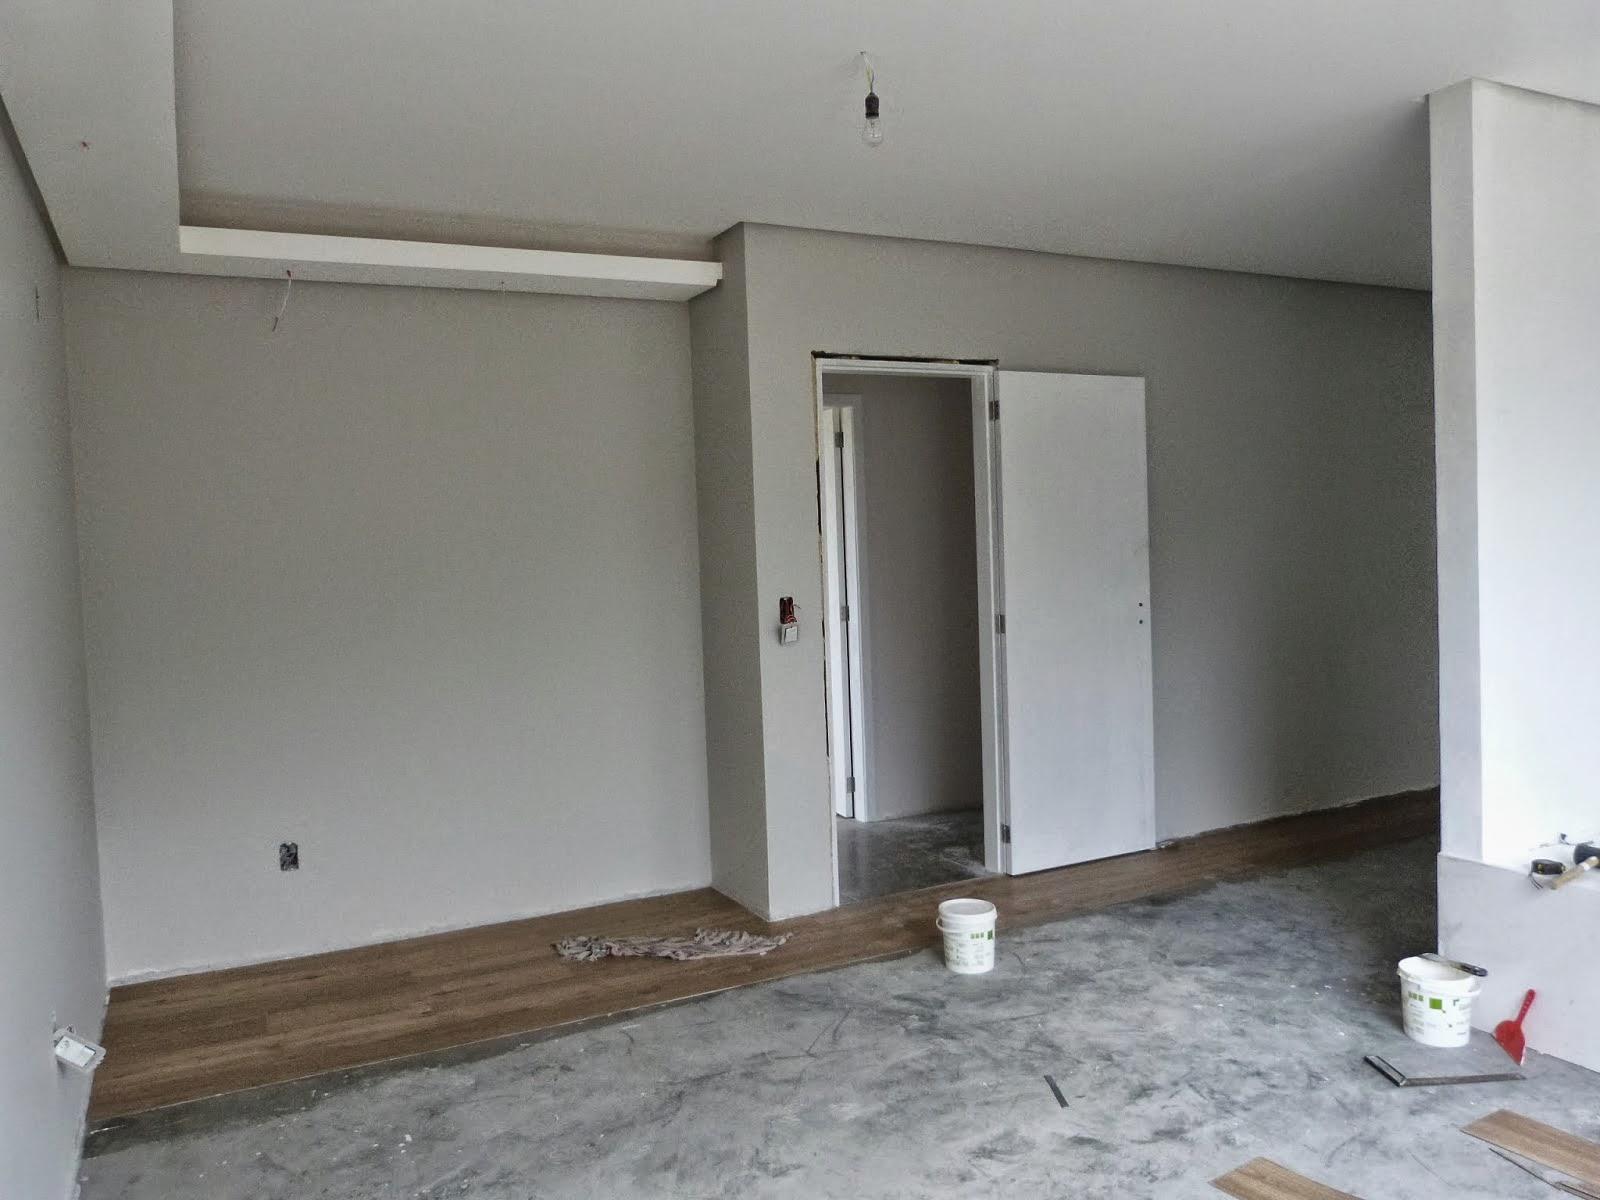 Banheiro com parede pintada em cinza janela para ventilacao #5D4E40 1600x1200 Banheiro Com Janela Interna